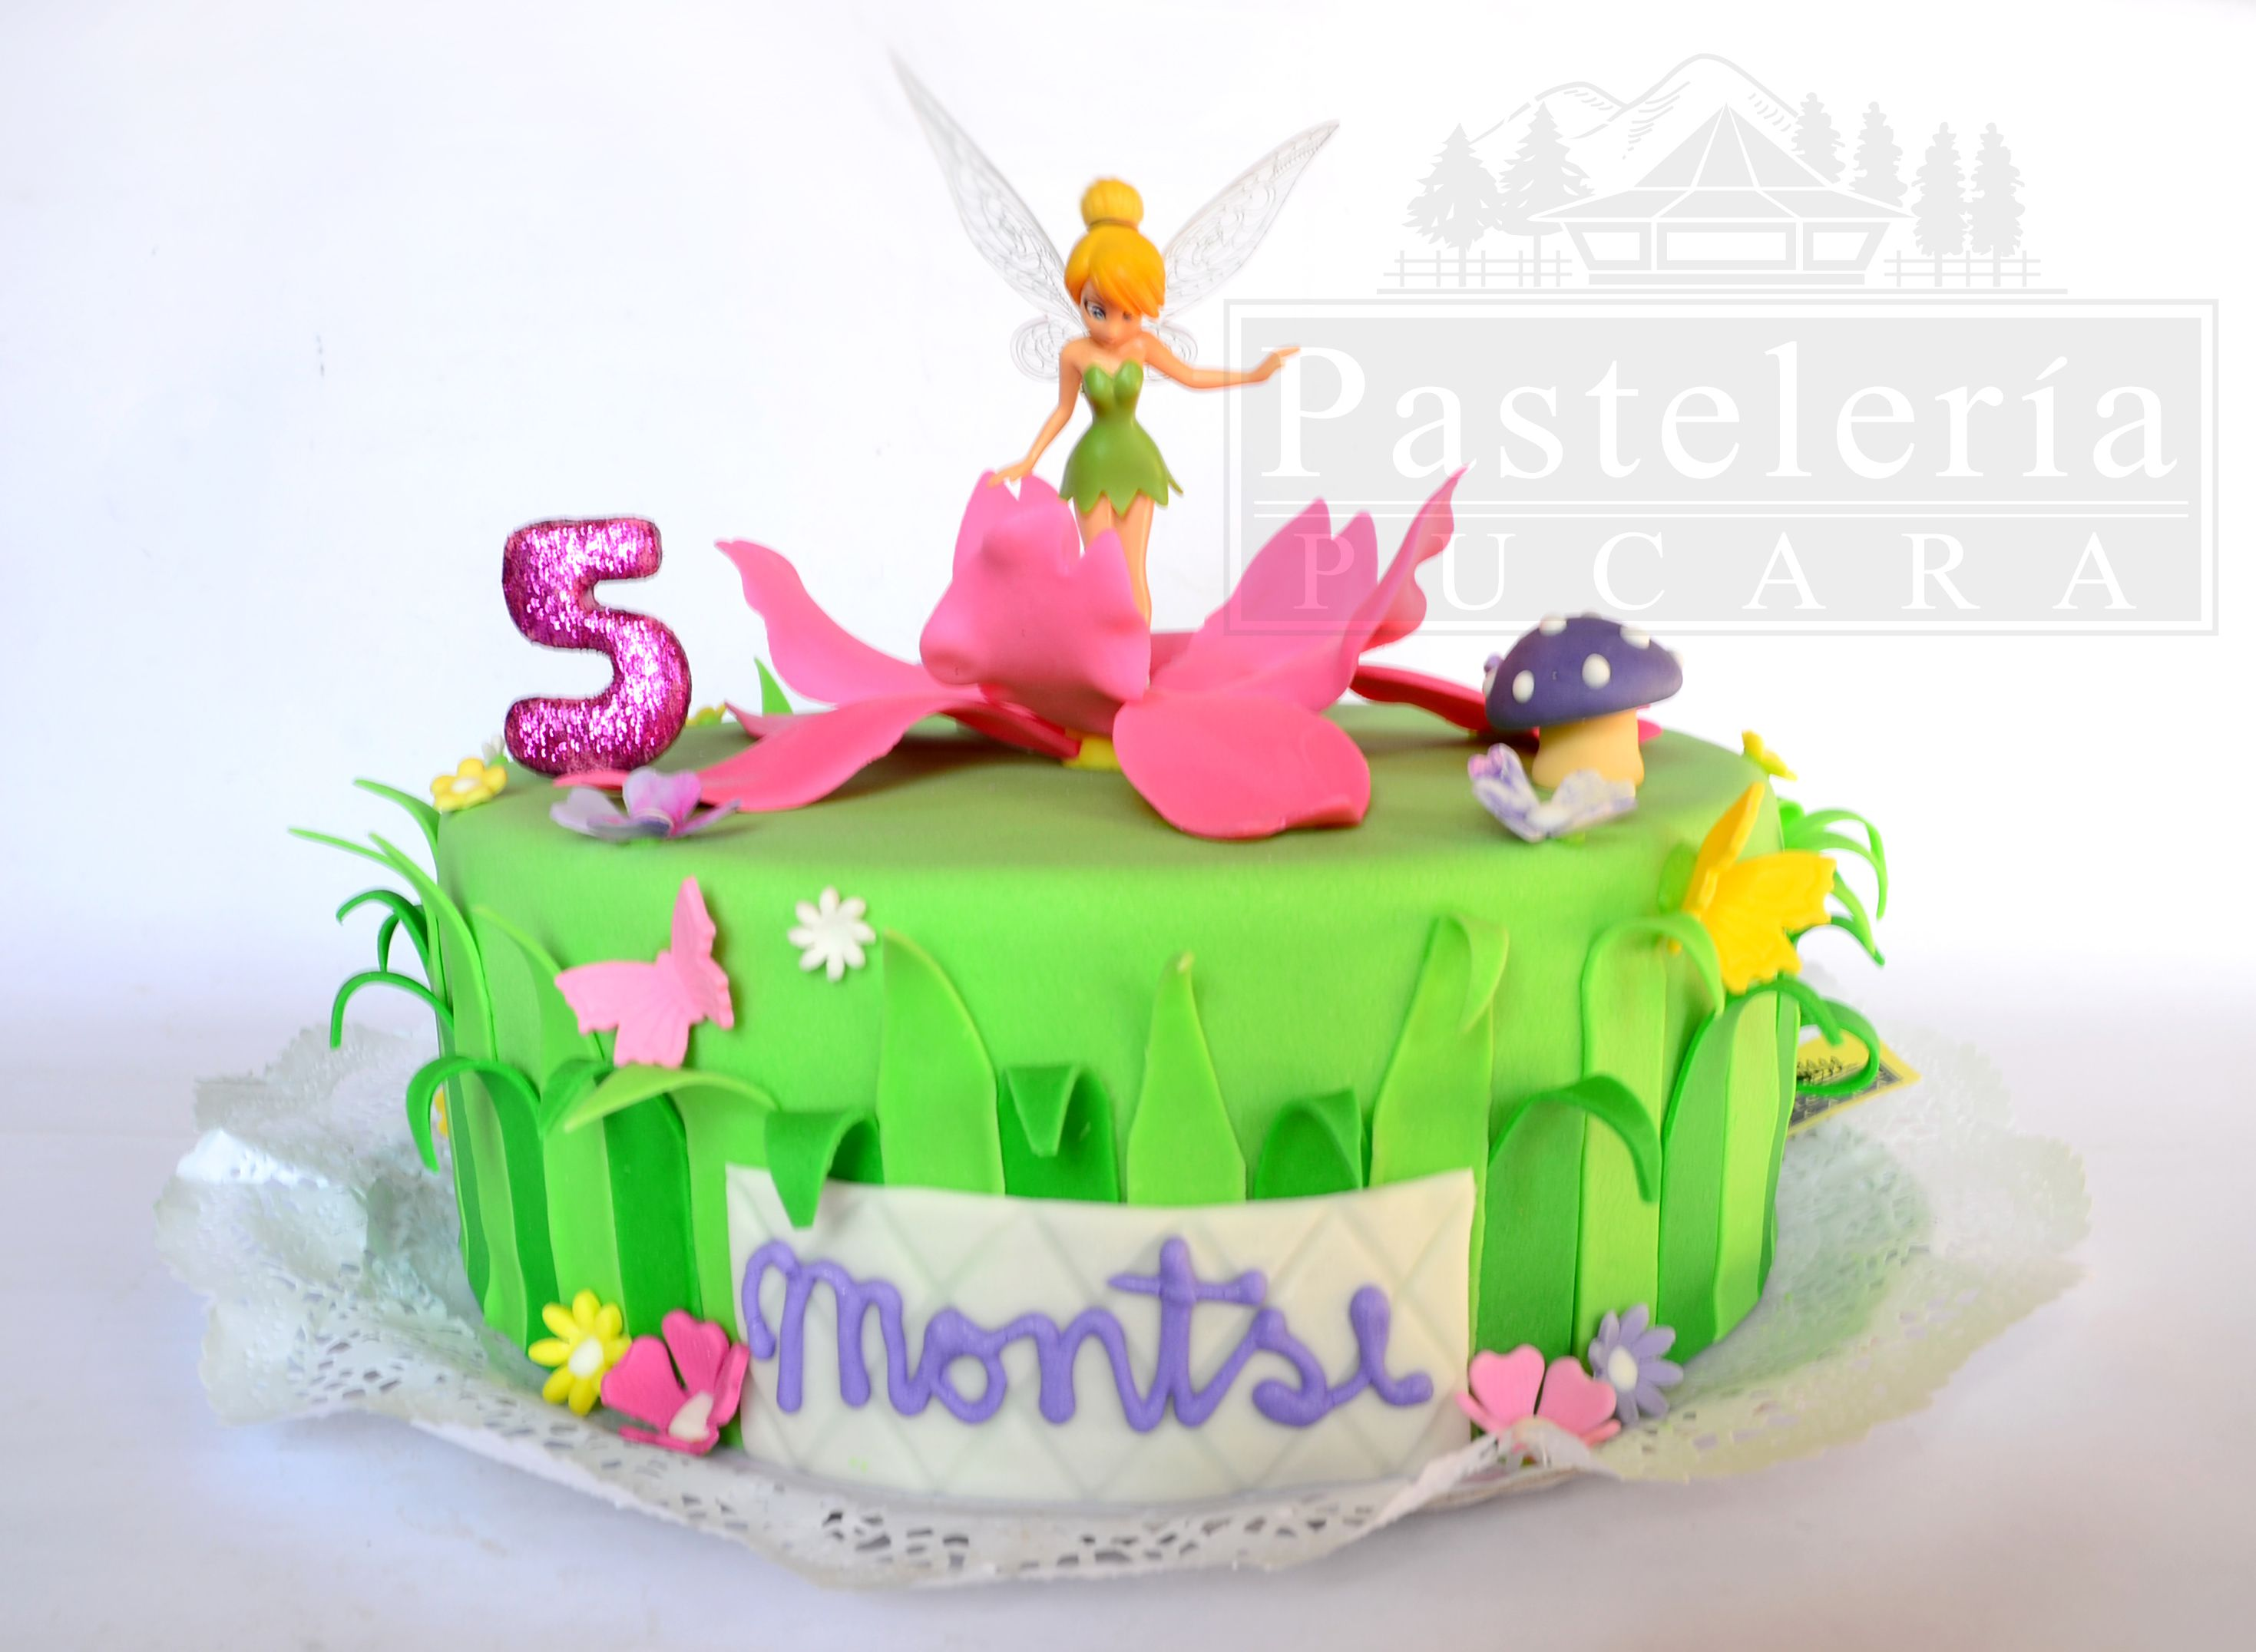 Torta diseo Campanita Tinkerbell cake Pastelera Pucara calera de